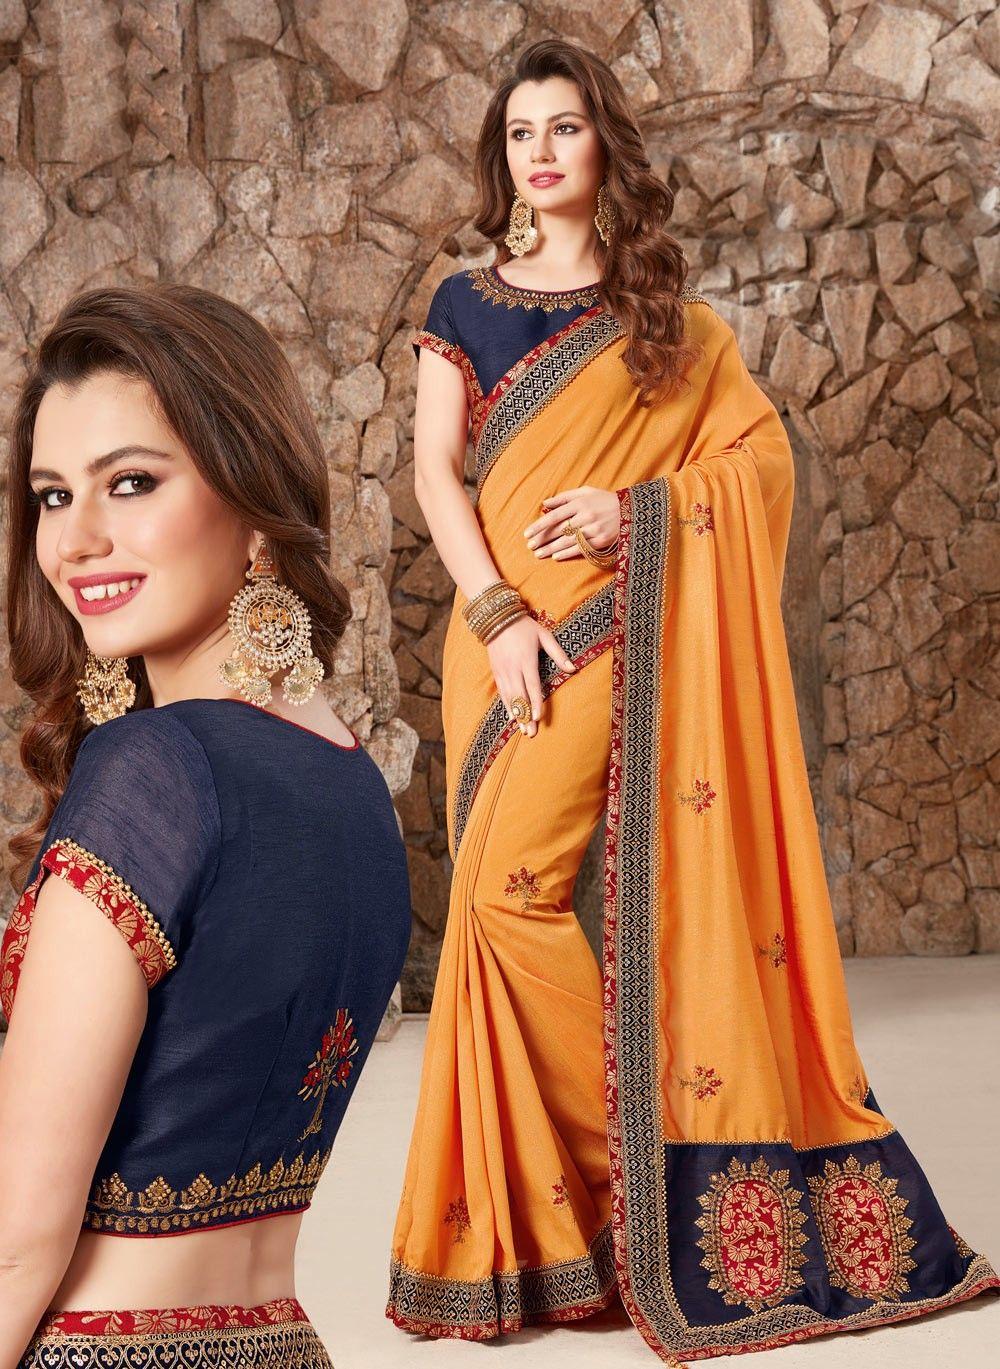 e5abf0502f Stylish Indian Latest Saree Designs 2019 With Beautiful Blouse Patterns